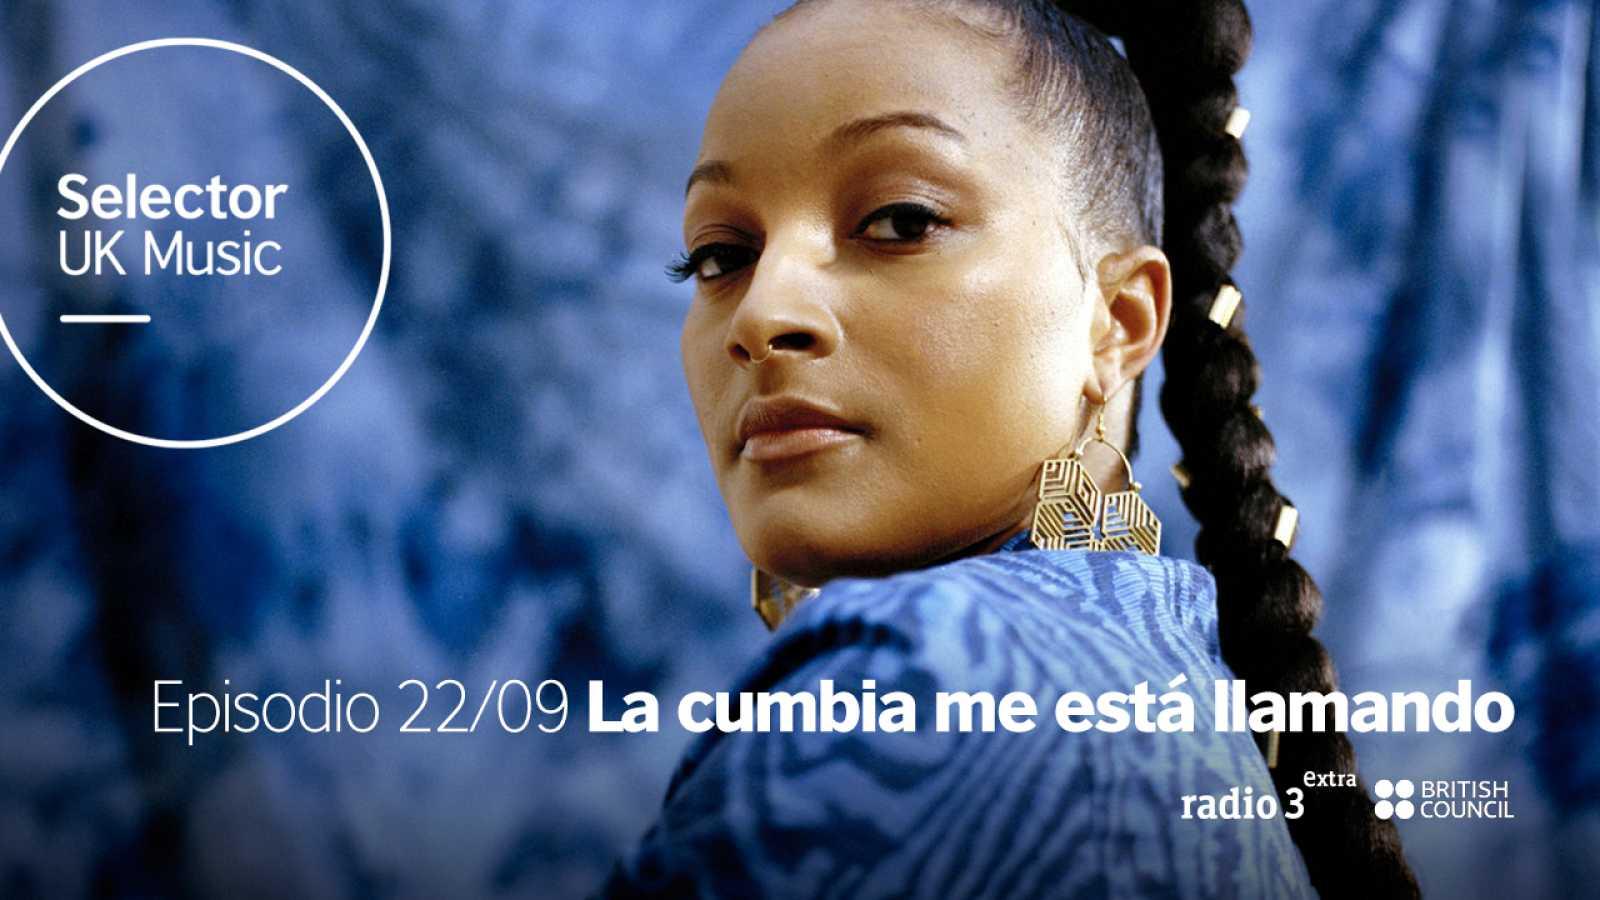 The Selector - La cumbia me está llamando - Escuchar ahora